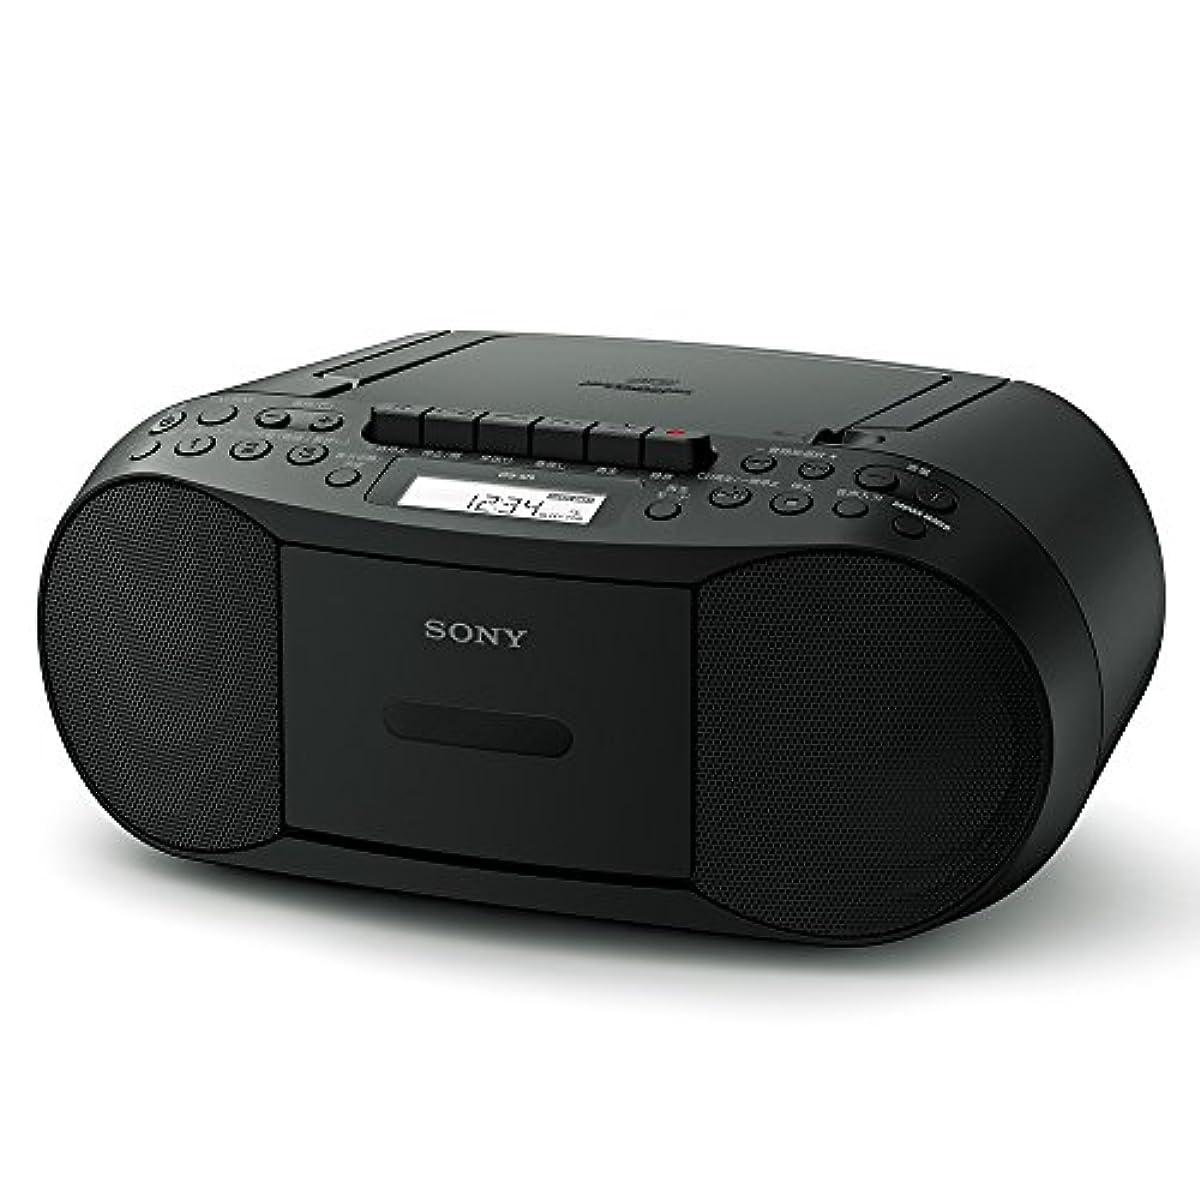 [해외] 소니 CD 라디오 카세트 3종 CFD-S70 B